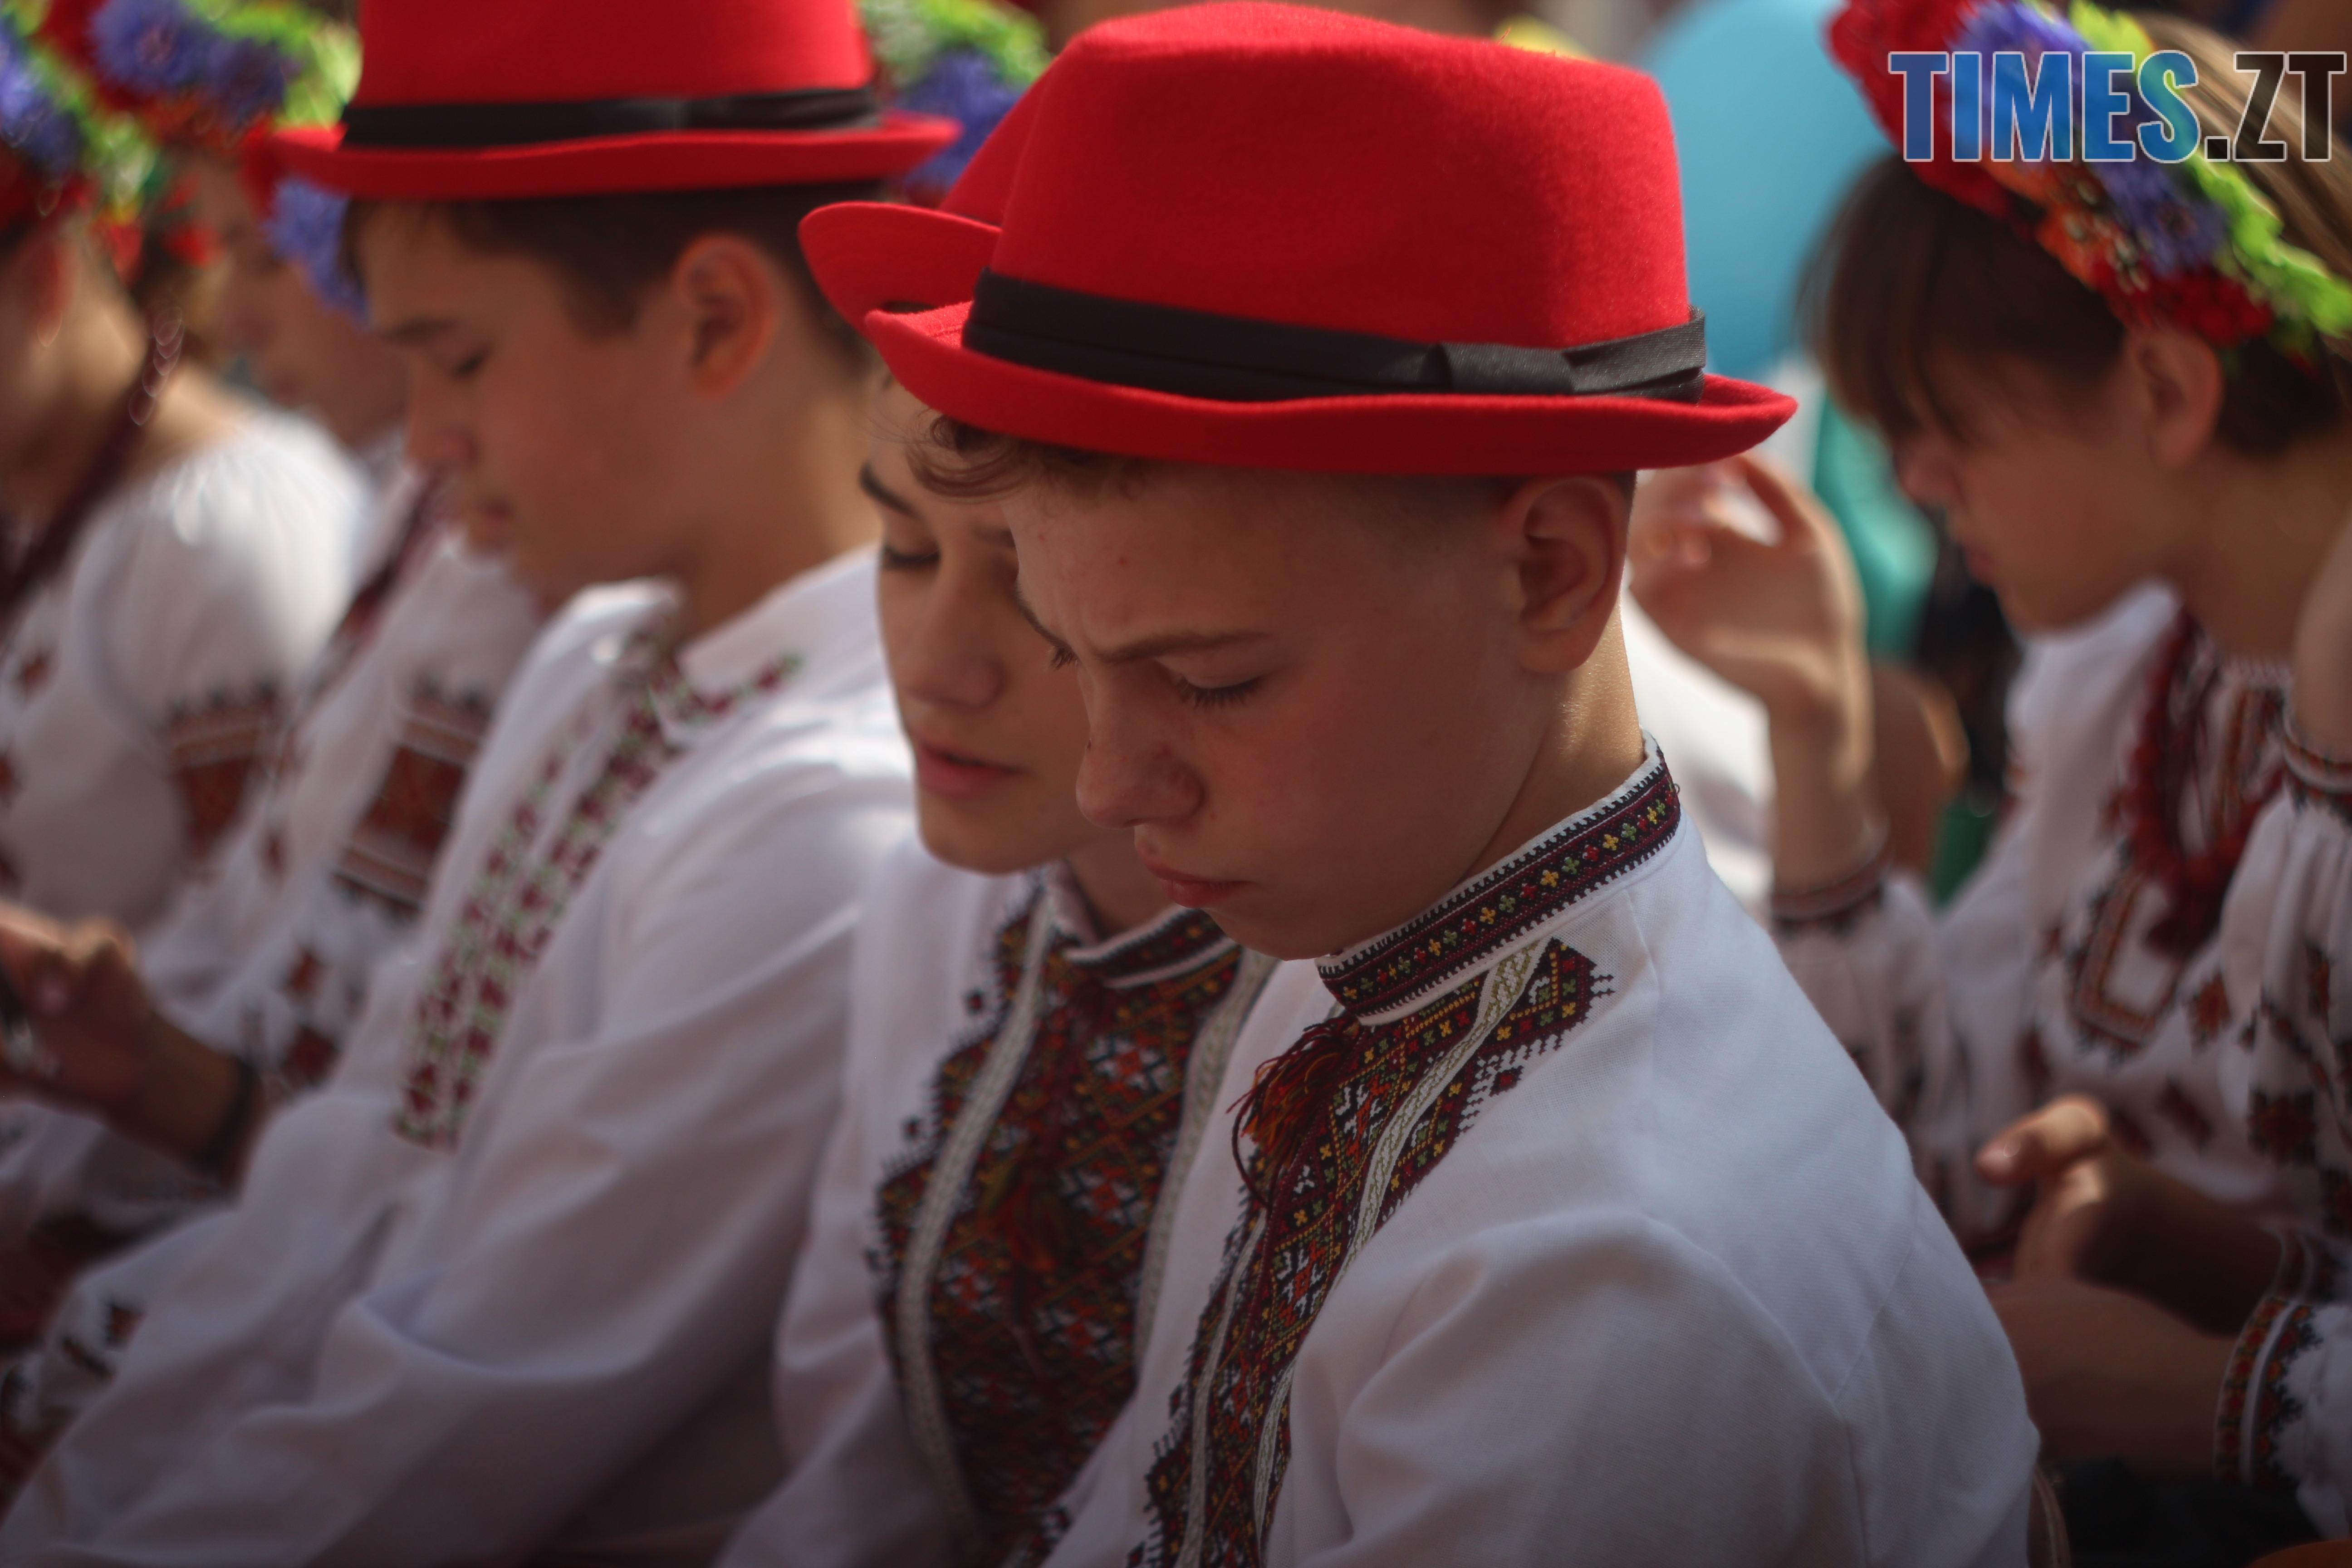 IMG 8938 - Майже 4 тисячі житомирських першокласників навчатимуться за системою Нової української школи (ФОТОРЕПОРТАЖ)